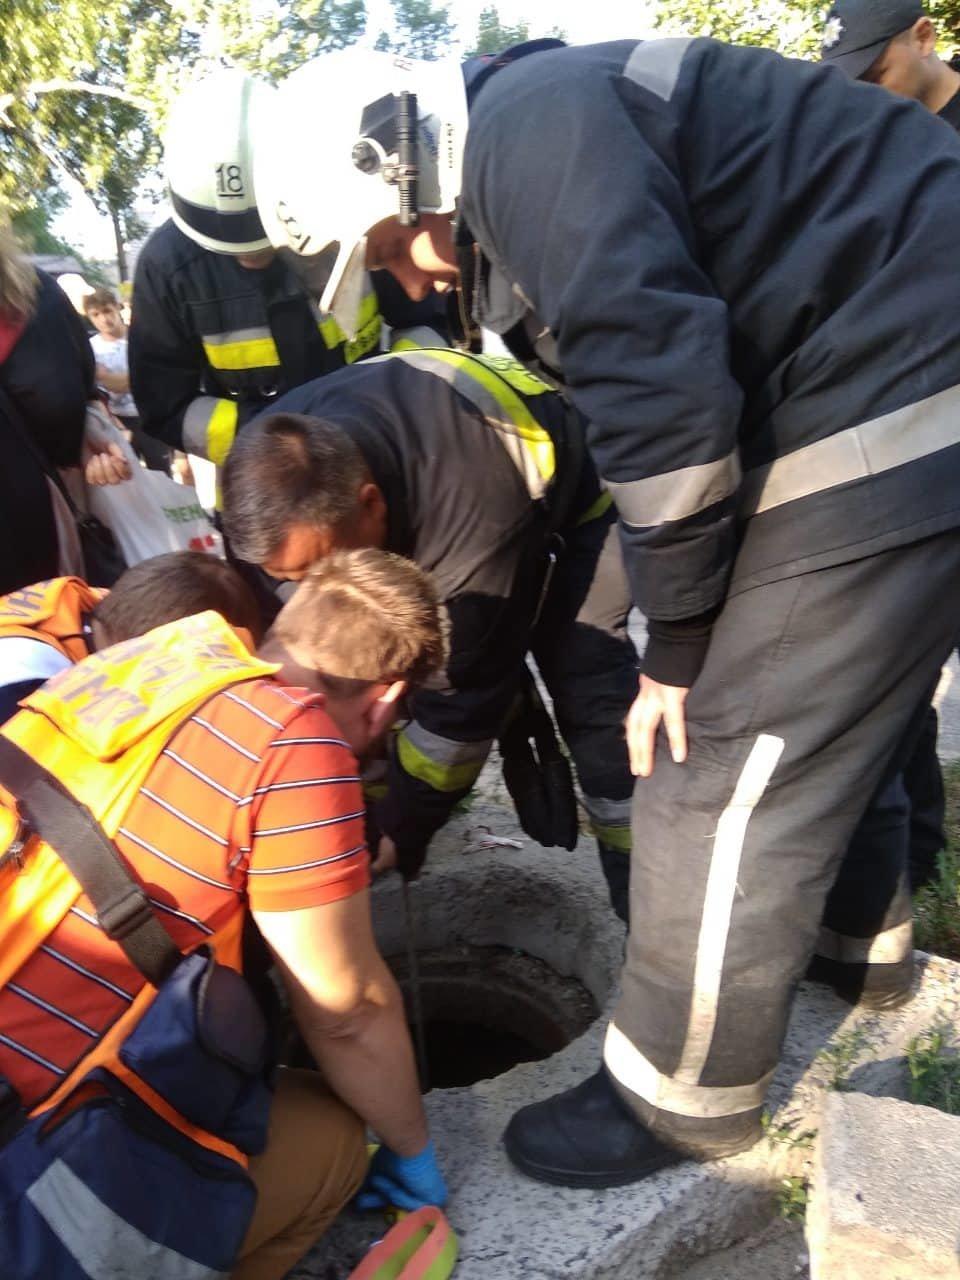 В Днепре в открытом люке нашли 6-летнего мальчика, - ФОТО, ВИДЕО, фото-2